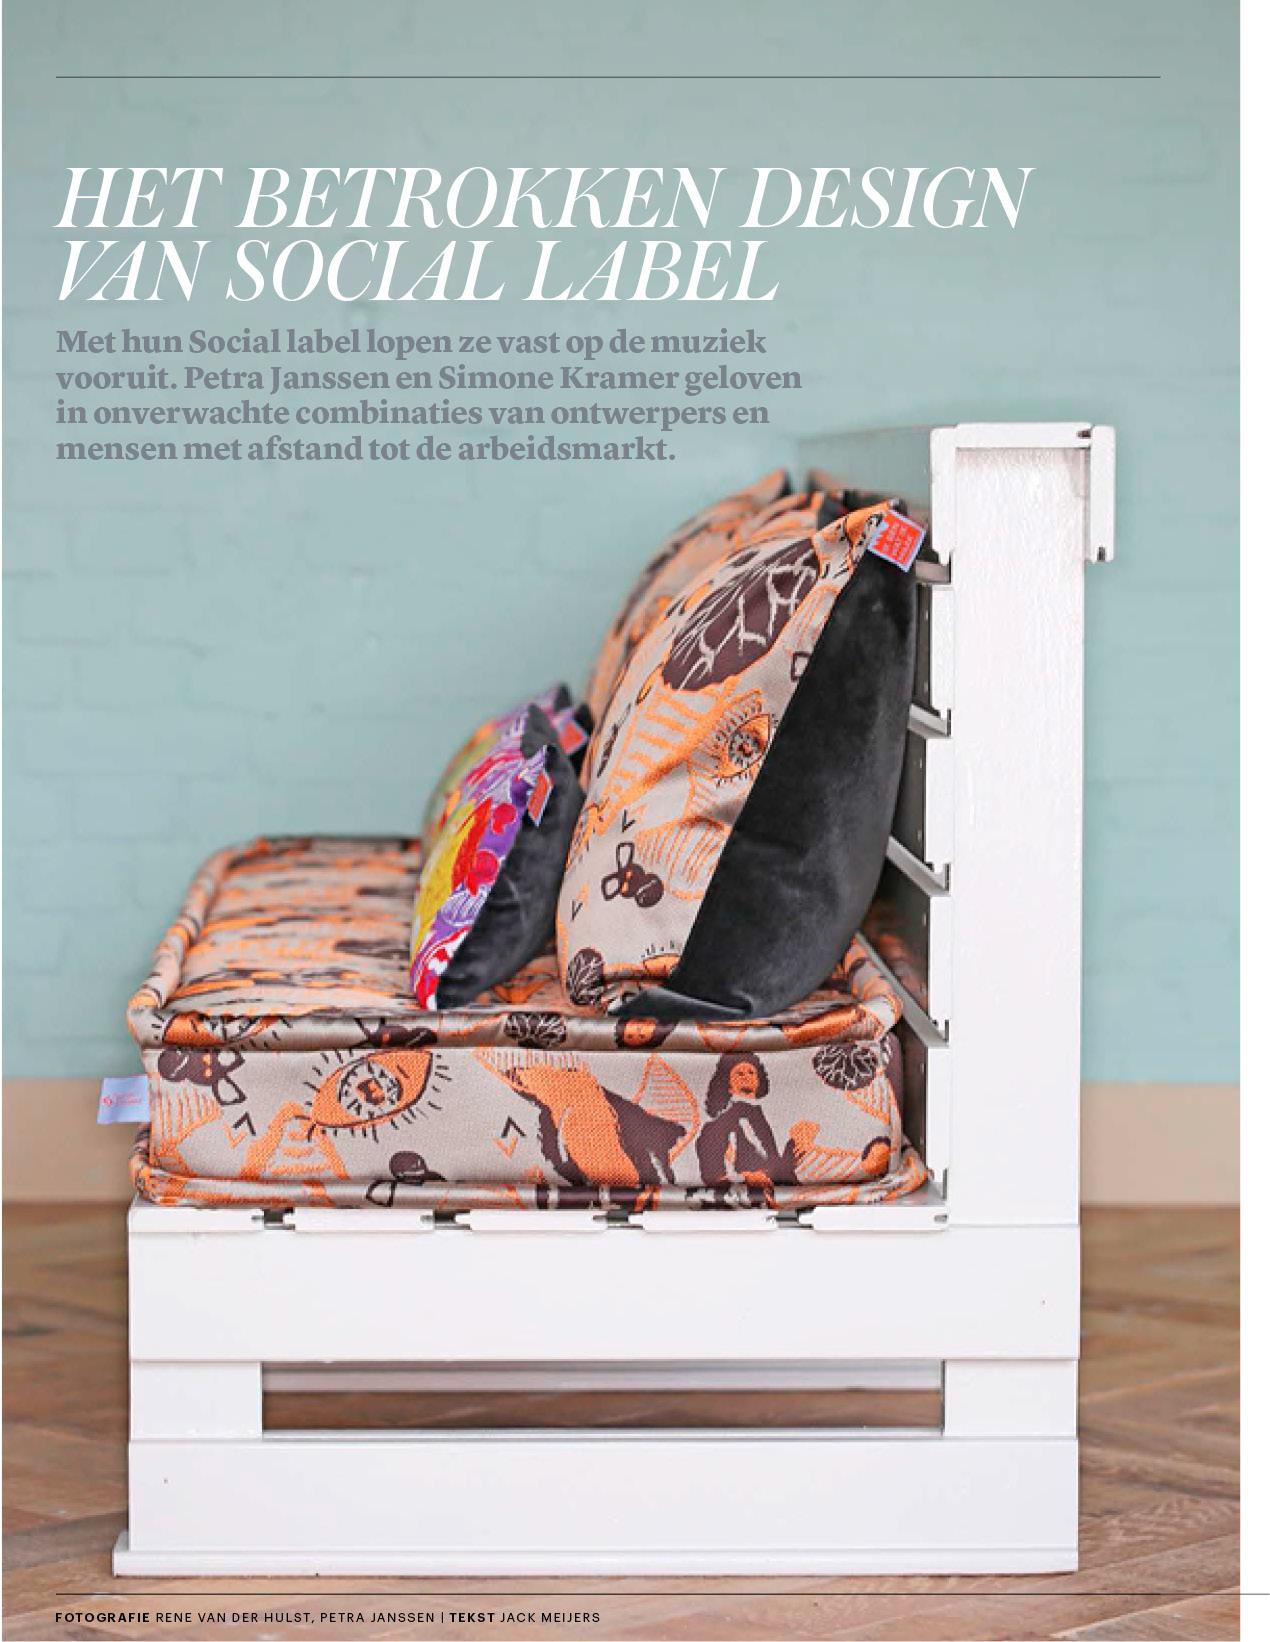 social label - Het verhaal in Eigen Huis & Interieur - social label